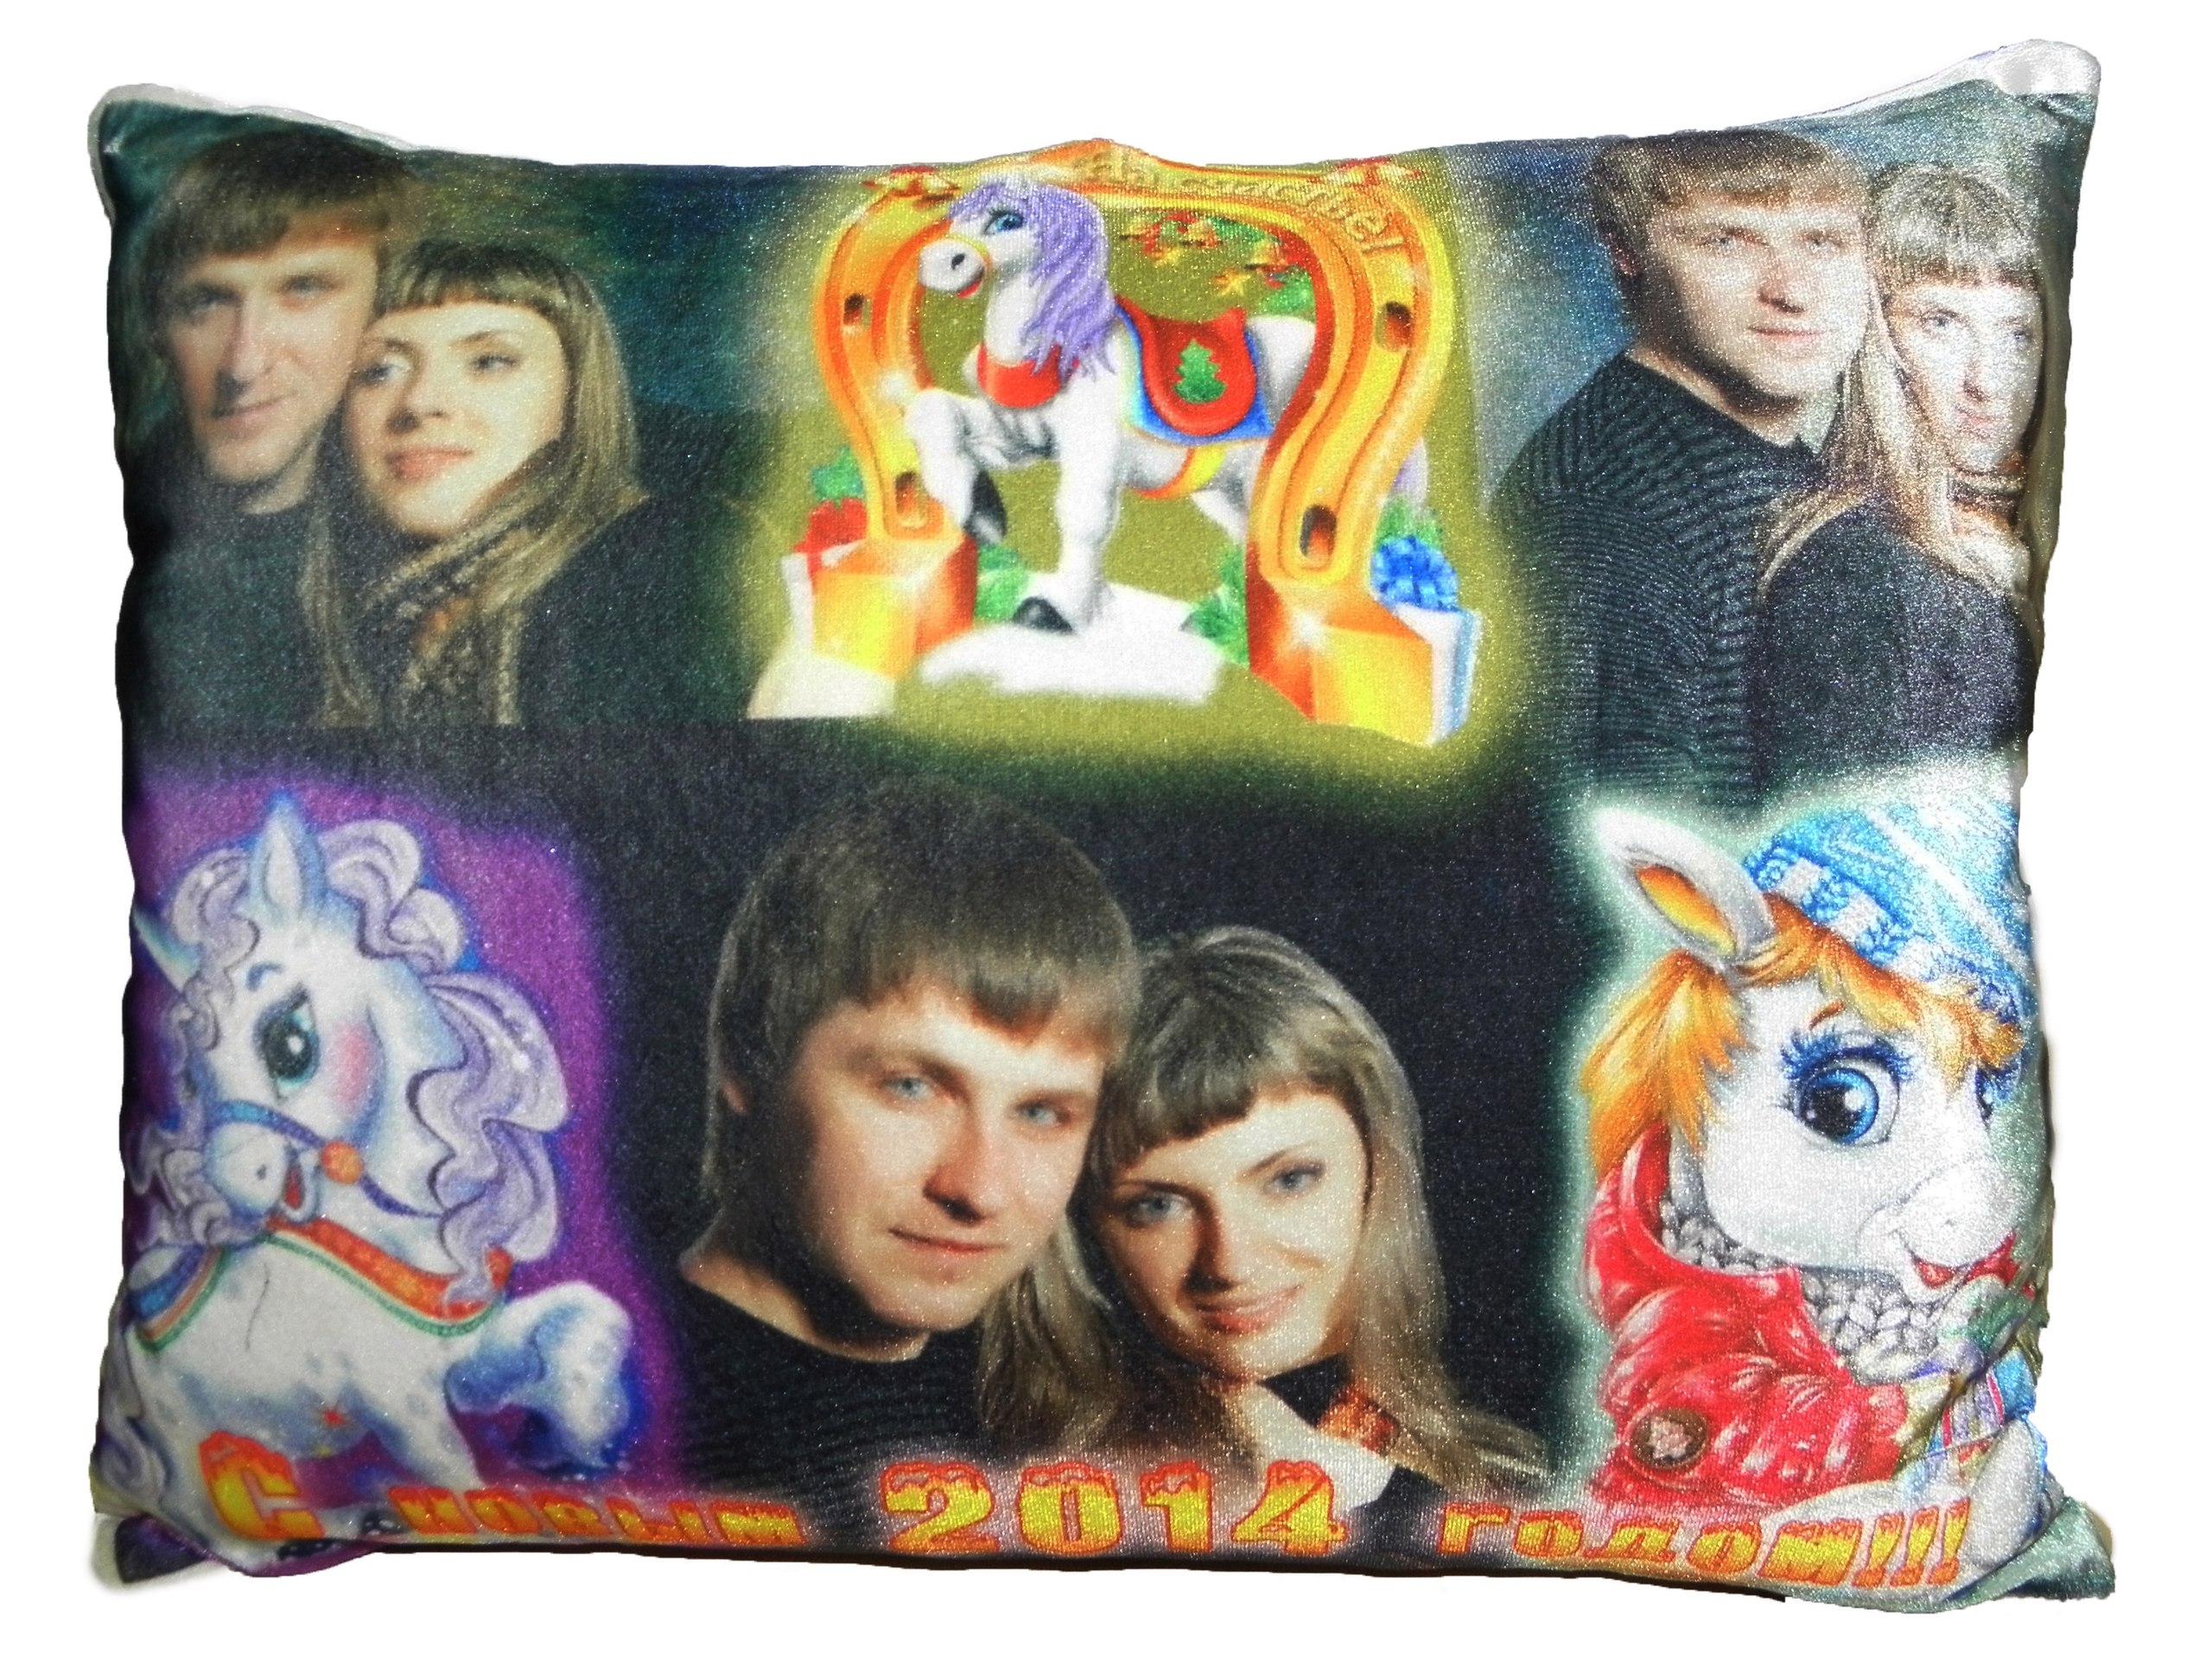 Сделать качественные подушки с фото на заказ в Днепре